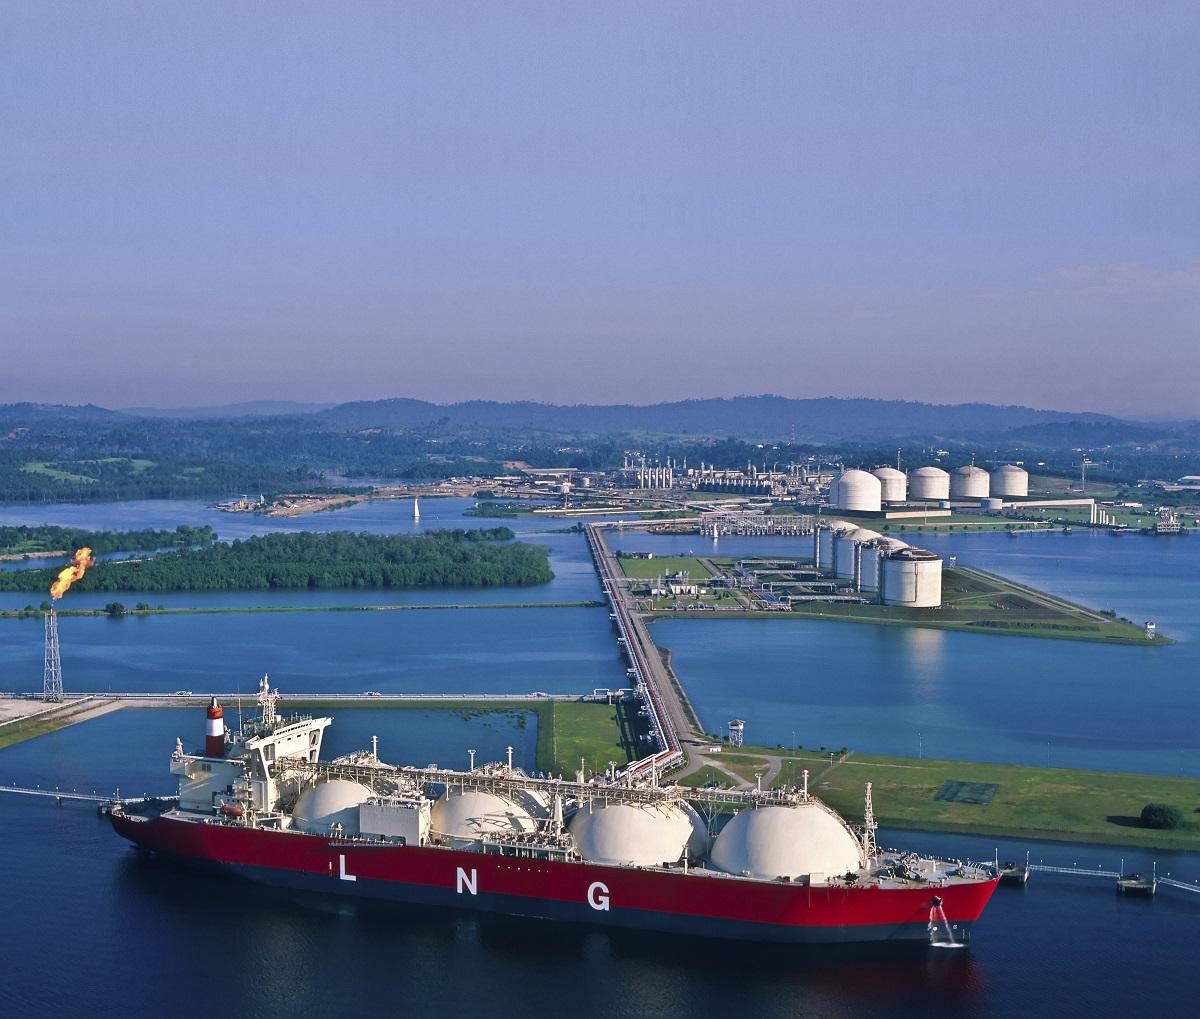 الغاز القطري: لن يكون مهيمناً كما كان